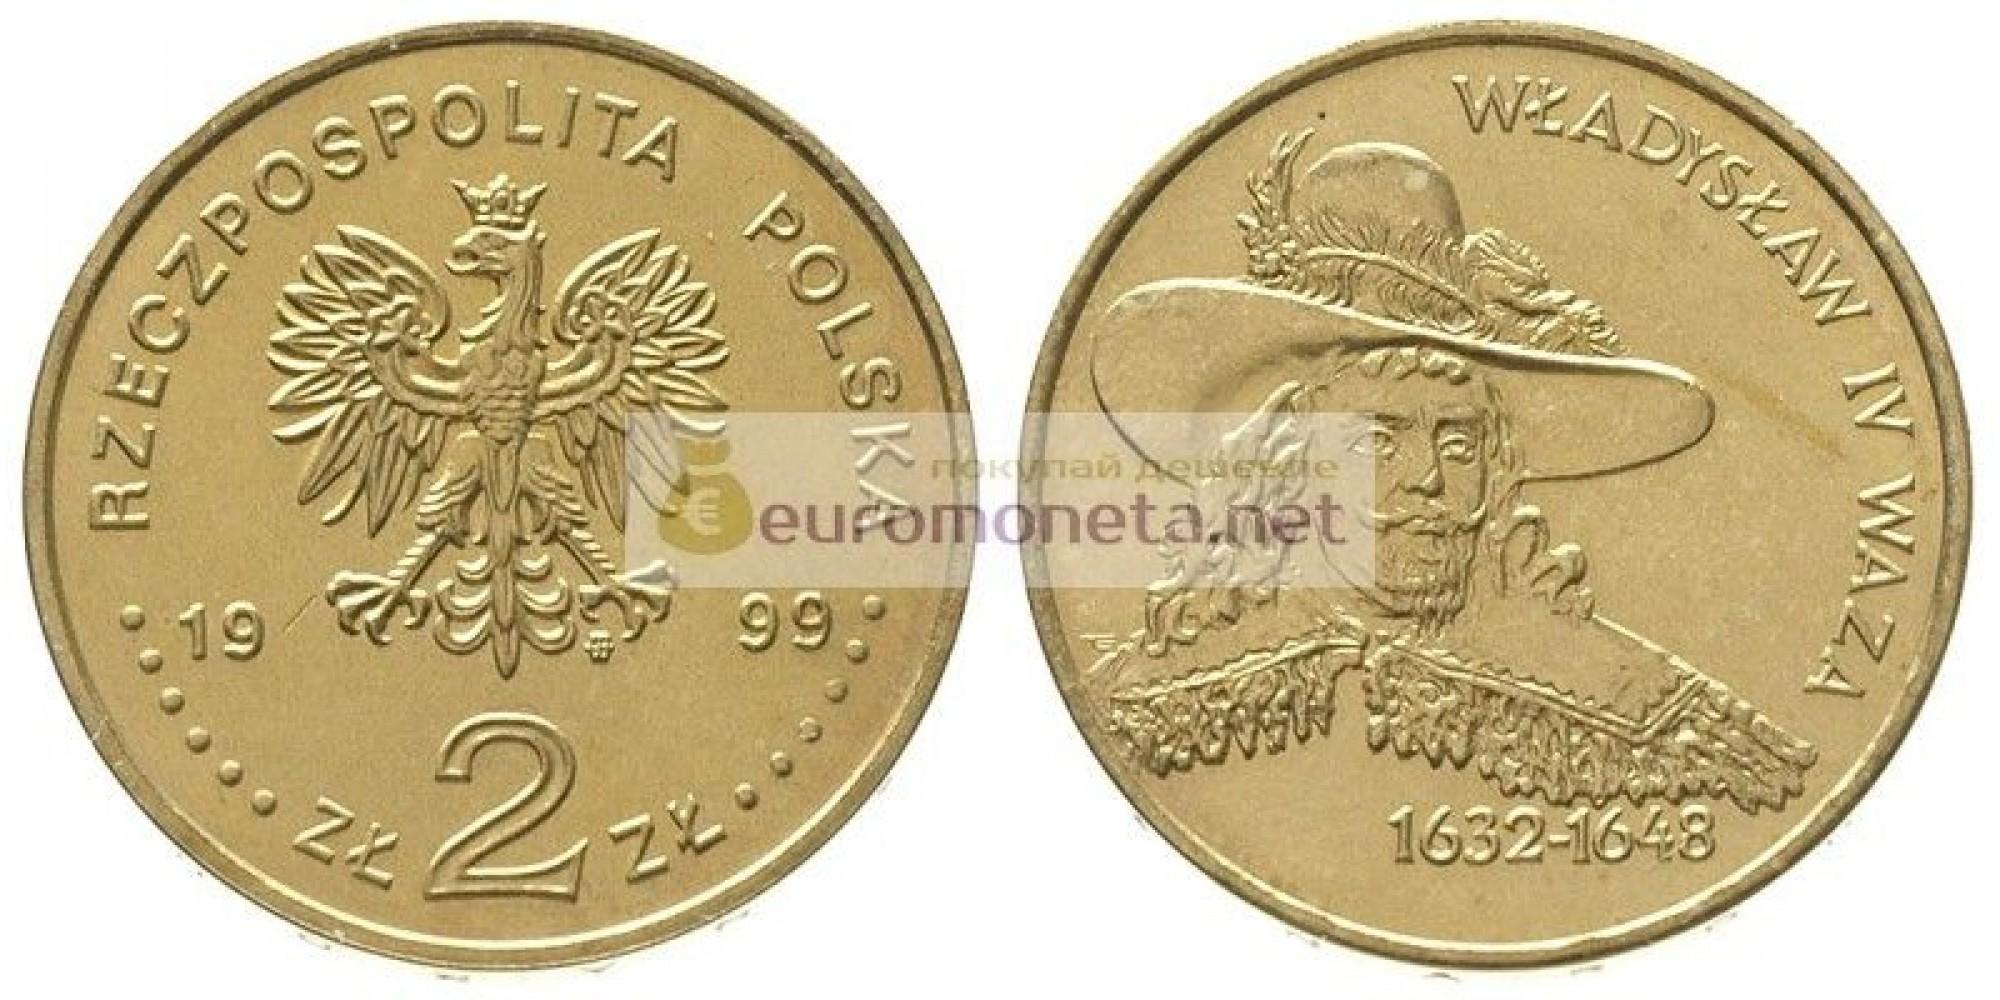 Польша 2 злотых 1999 год Короли и князья польские: Владислав IV Ваза (1632 - 1648)